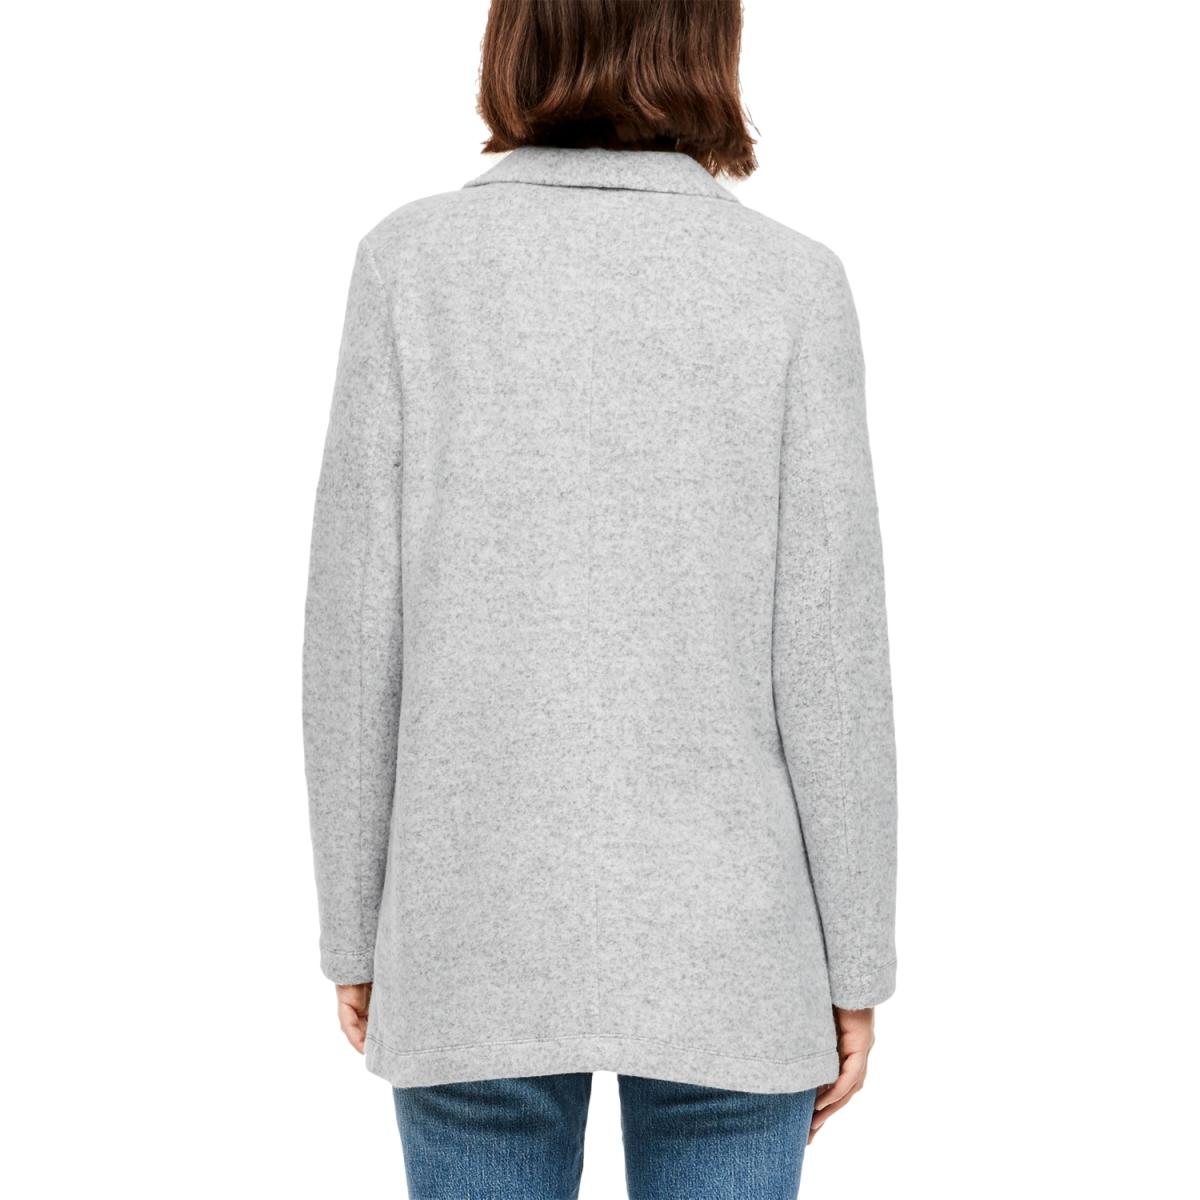 blazer 45899434318 q/s designed by blazer 9400